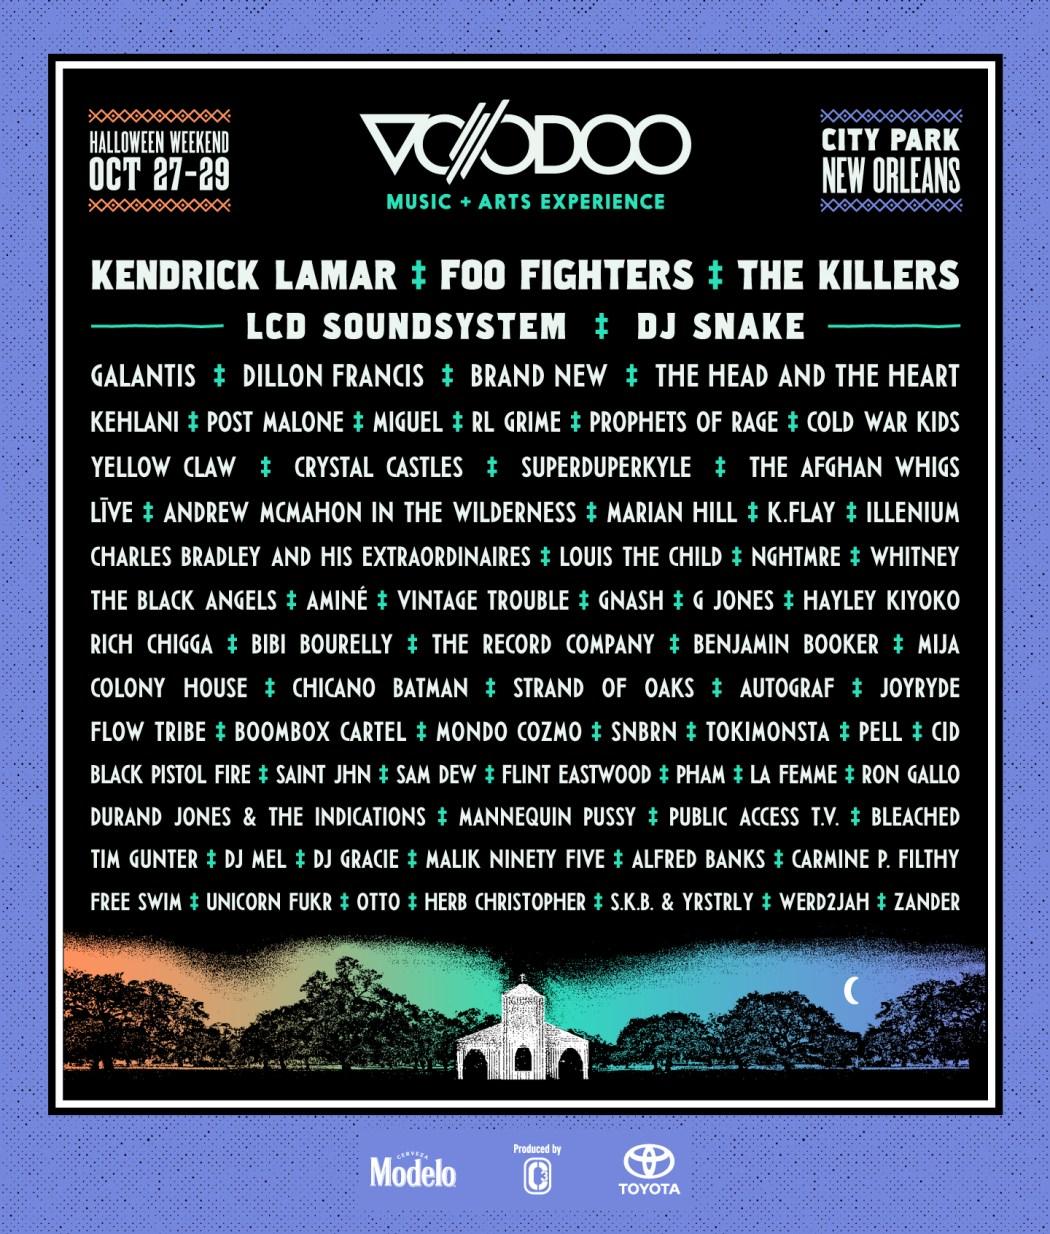 Voodoo 2017 Poster